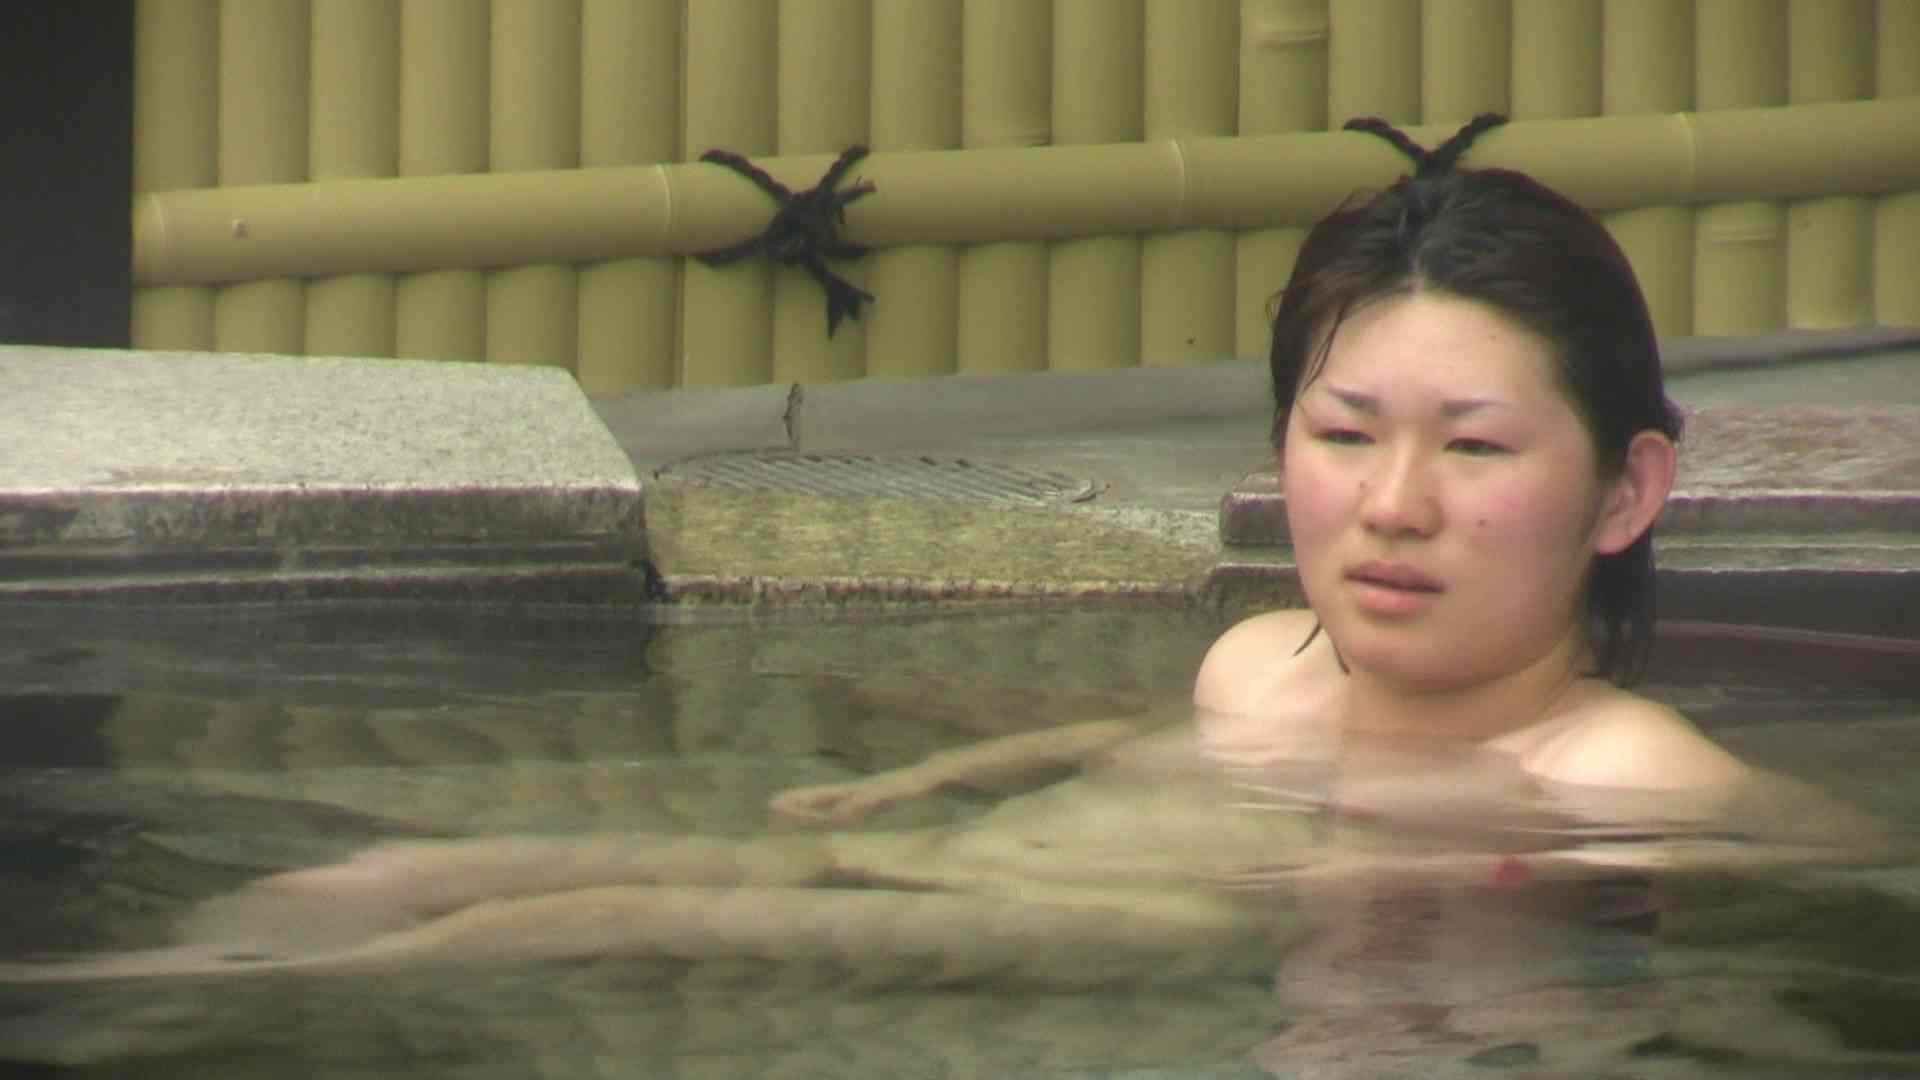 Aquaな露天風呂Vol.673 露天 盗み撮り動画キャプチャ 104PICs 74